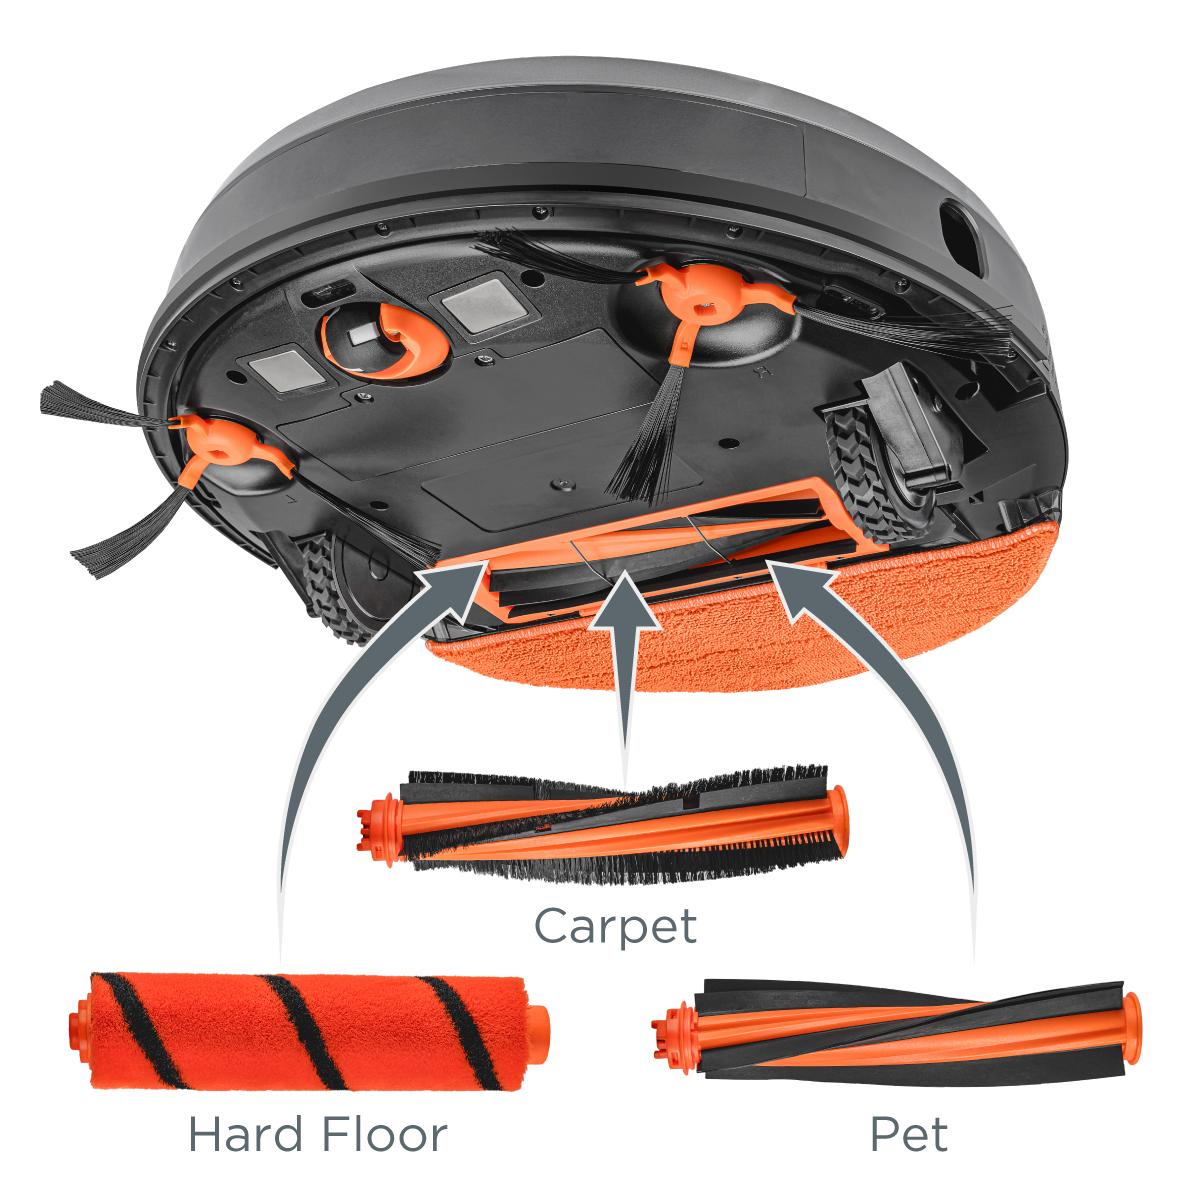 Concept VR3110 2v1 RoboCross Laser - Přizpůsobí se vaší domácnosti